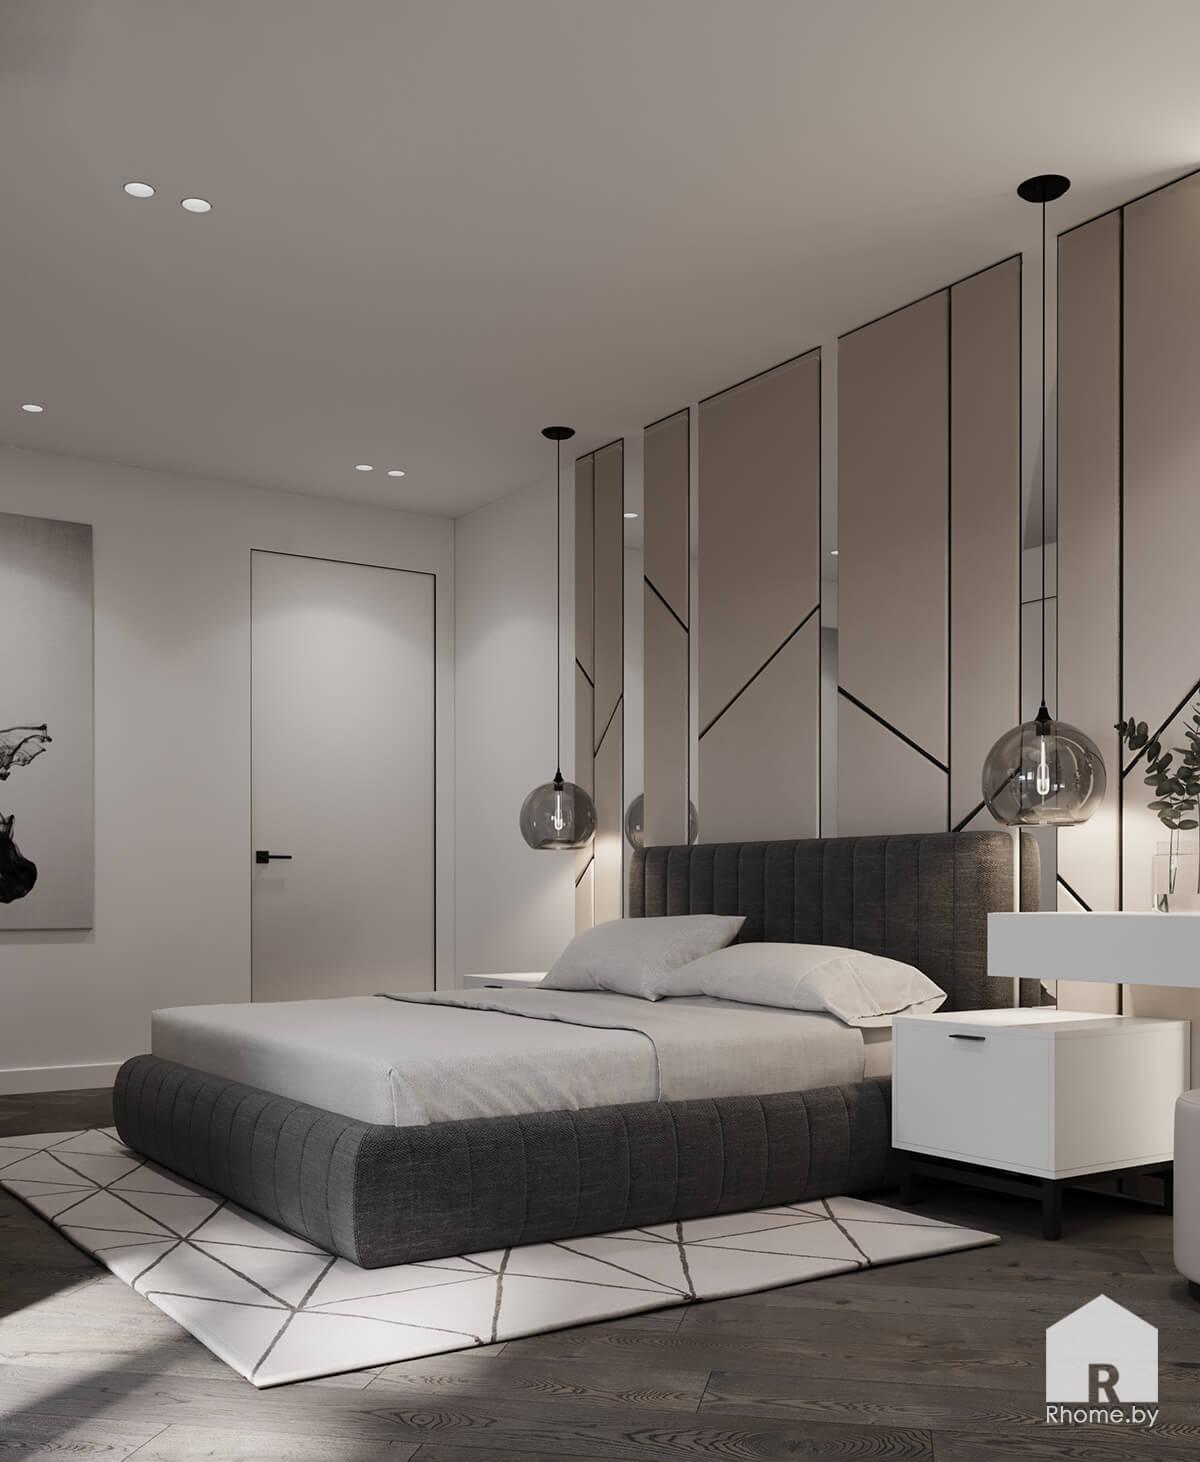 Спальня | Дизайн студия – Rhome.by